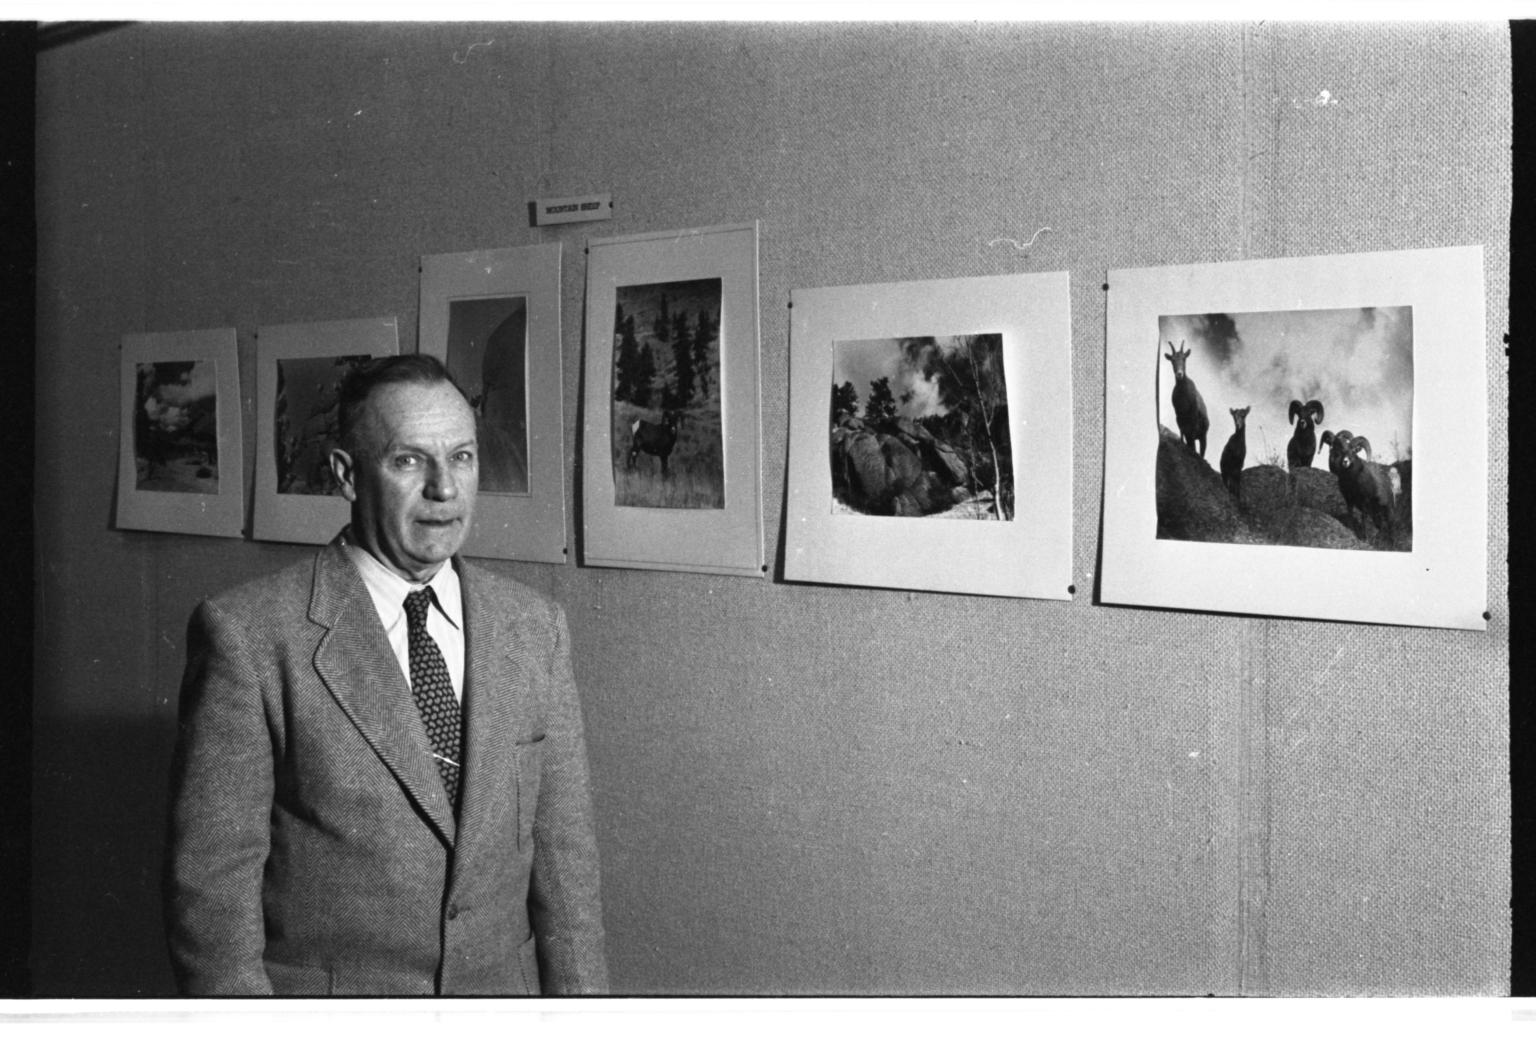 Albert Rogers at Exhibit